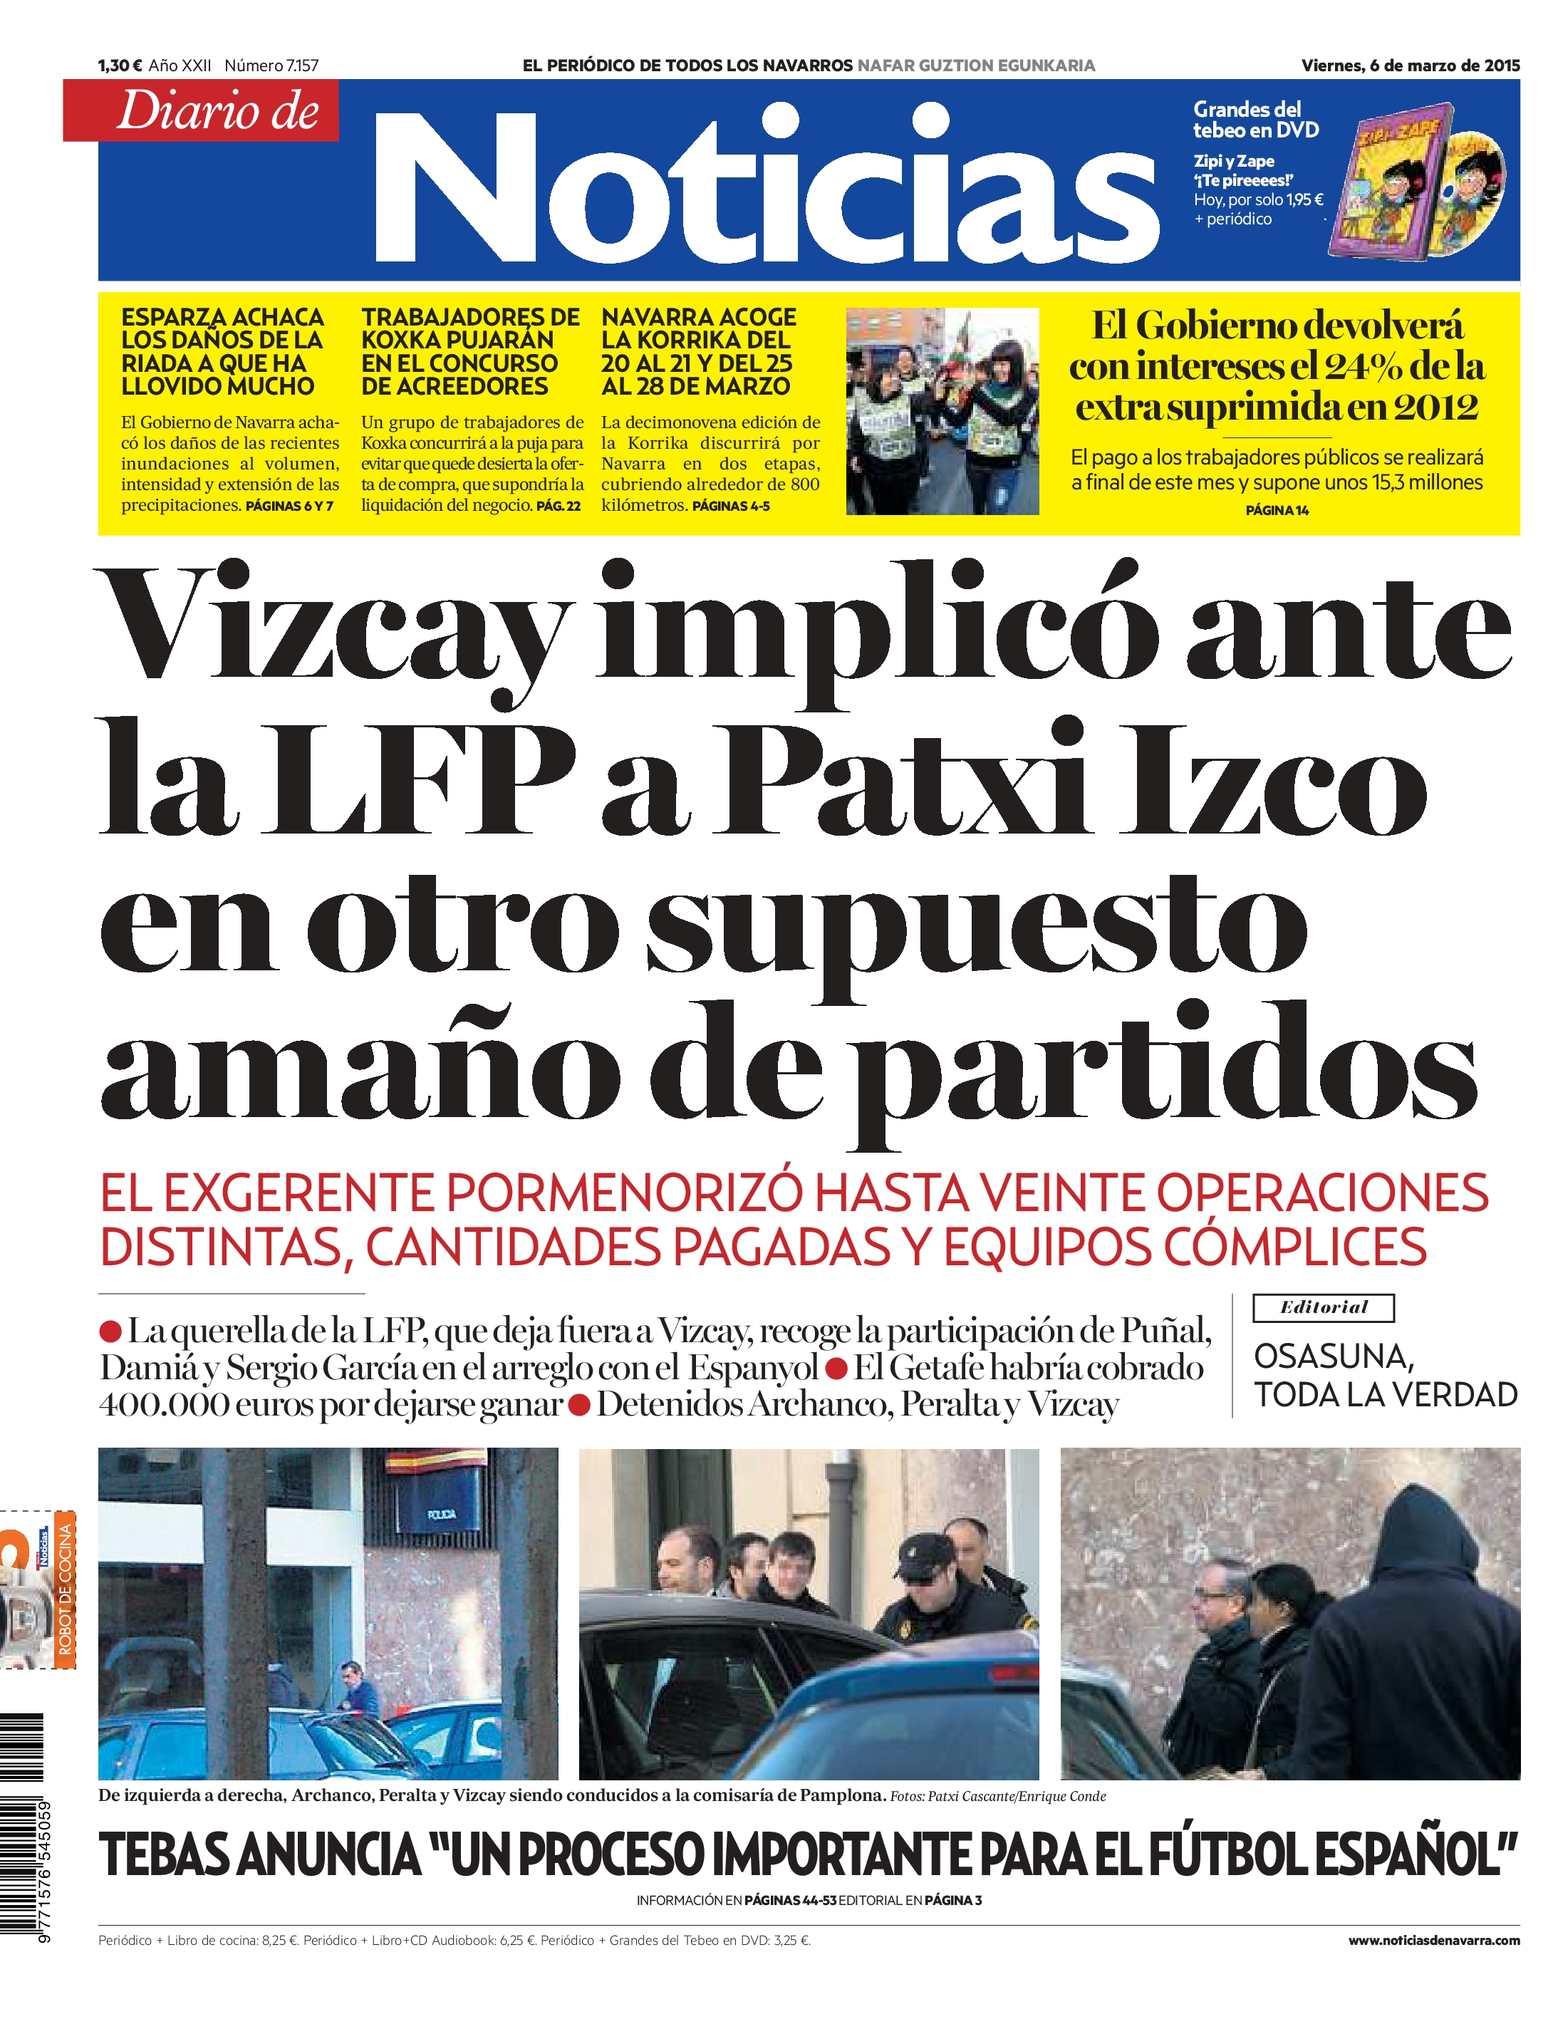 Calaméo - Diario de Noticias 20150306